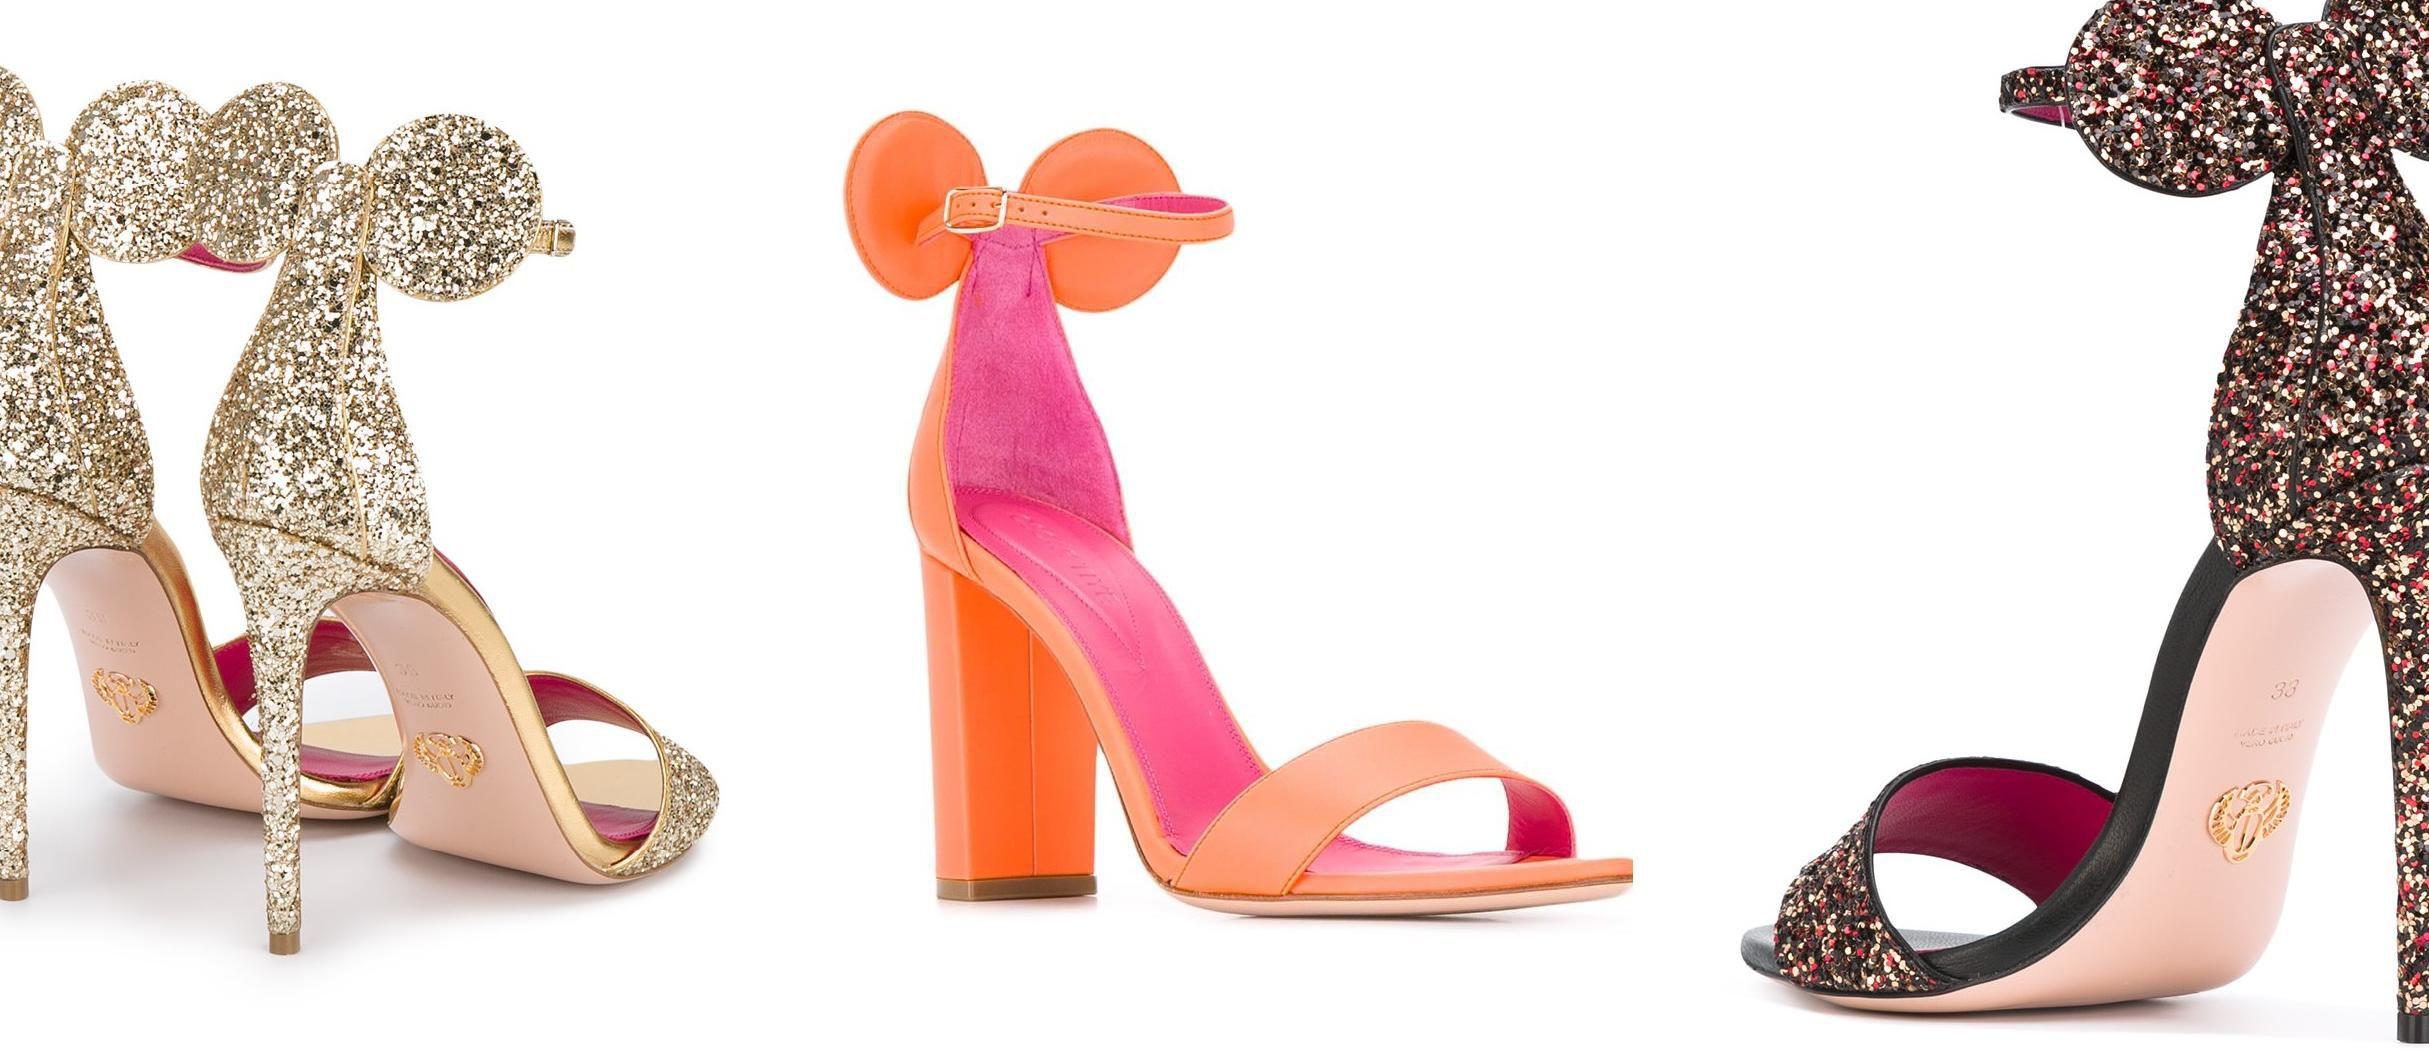 Shoppingoličarke, pozor! Pronašli smo sandale za koje biste dale i zadnju kunu